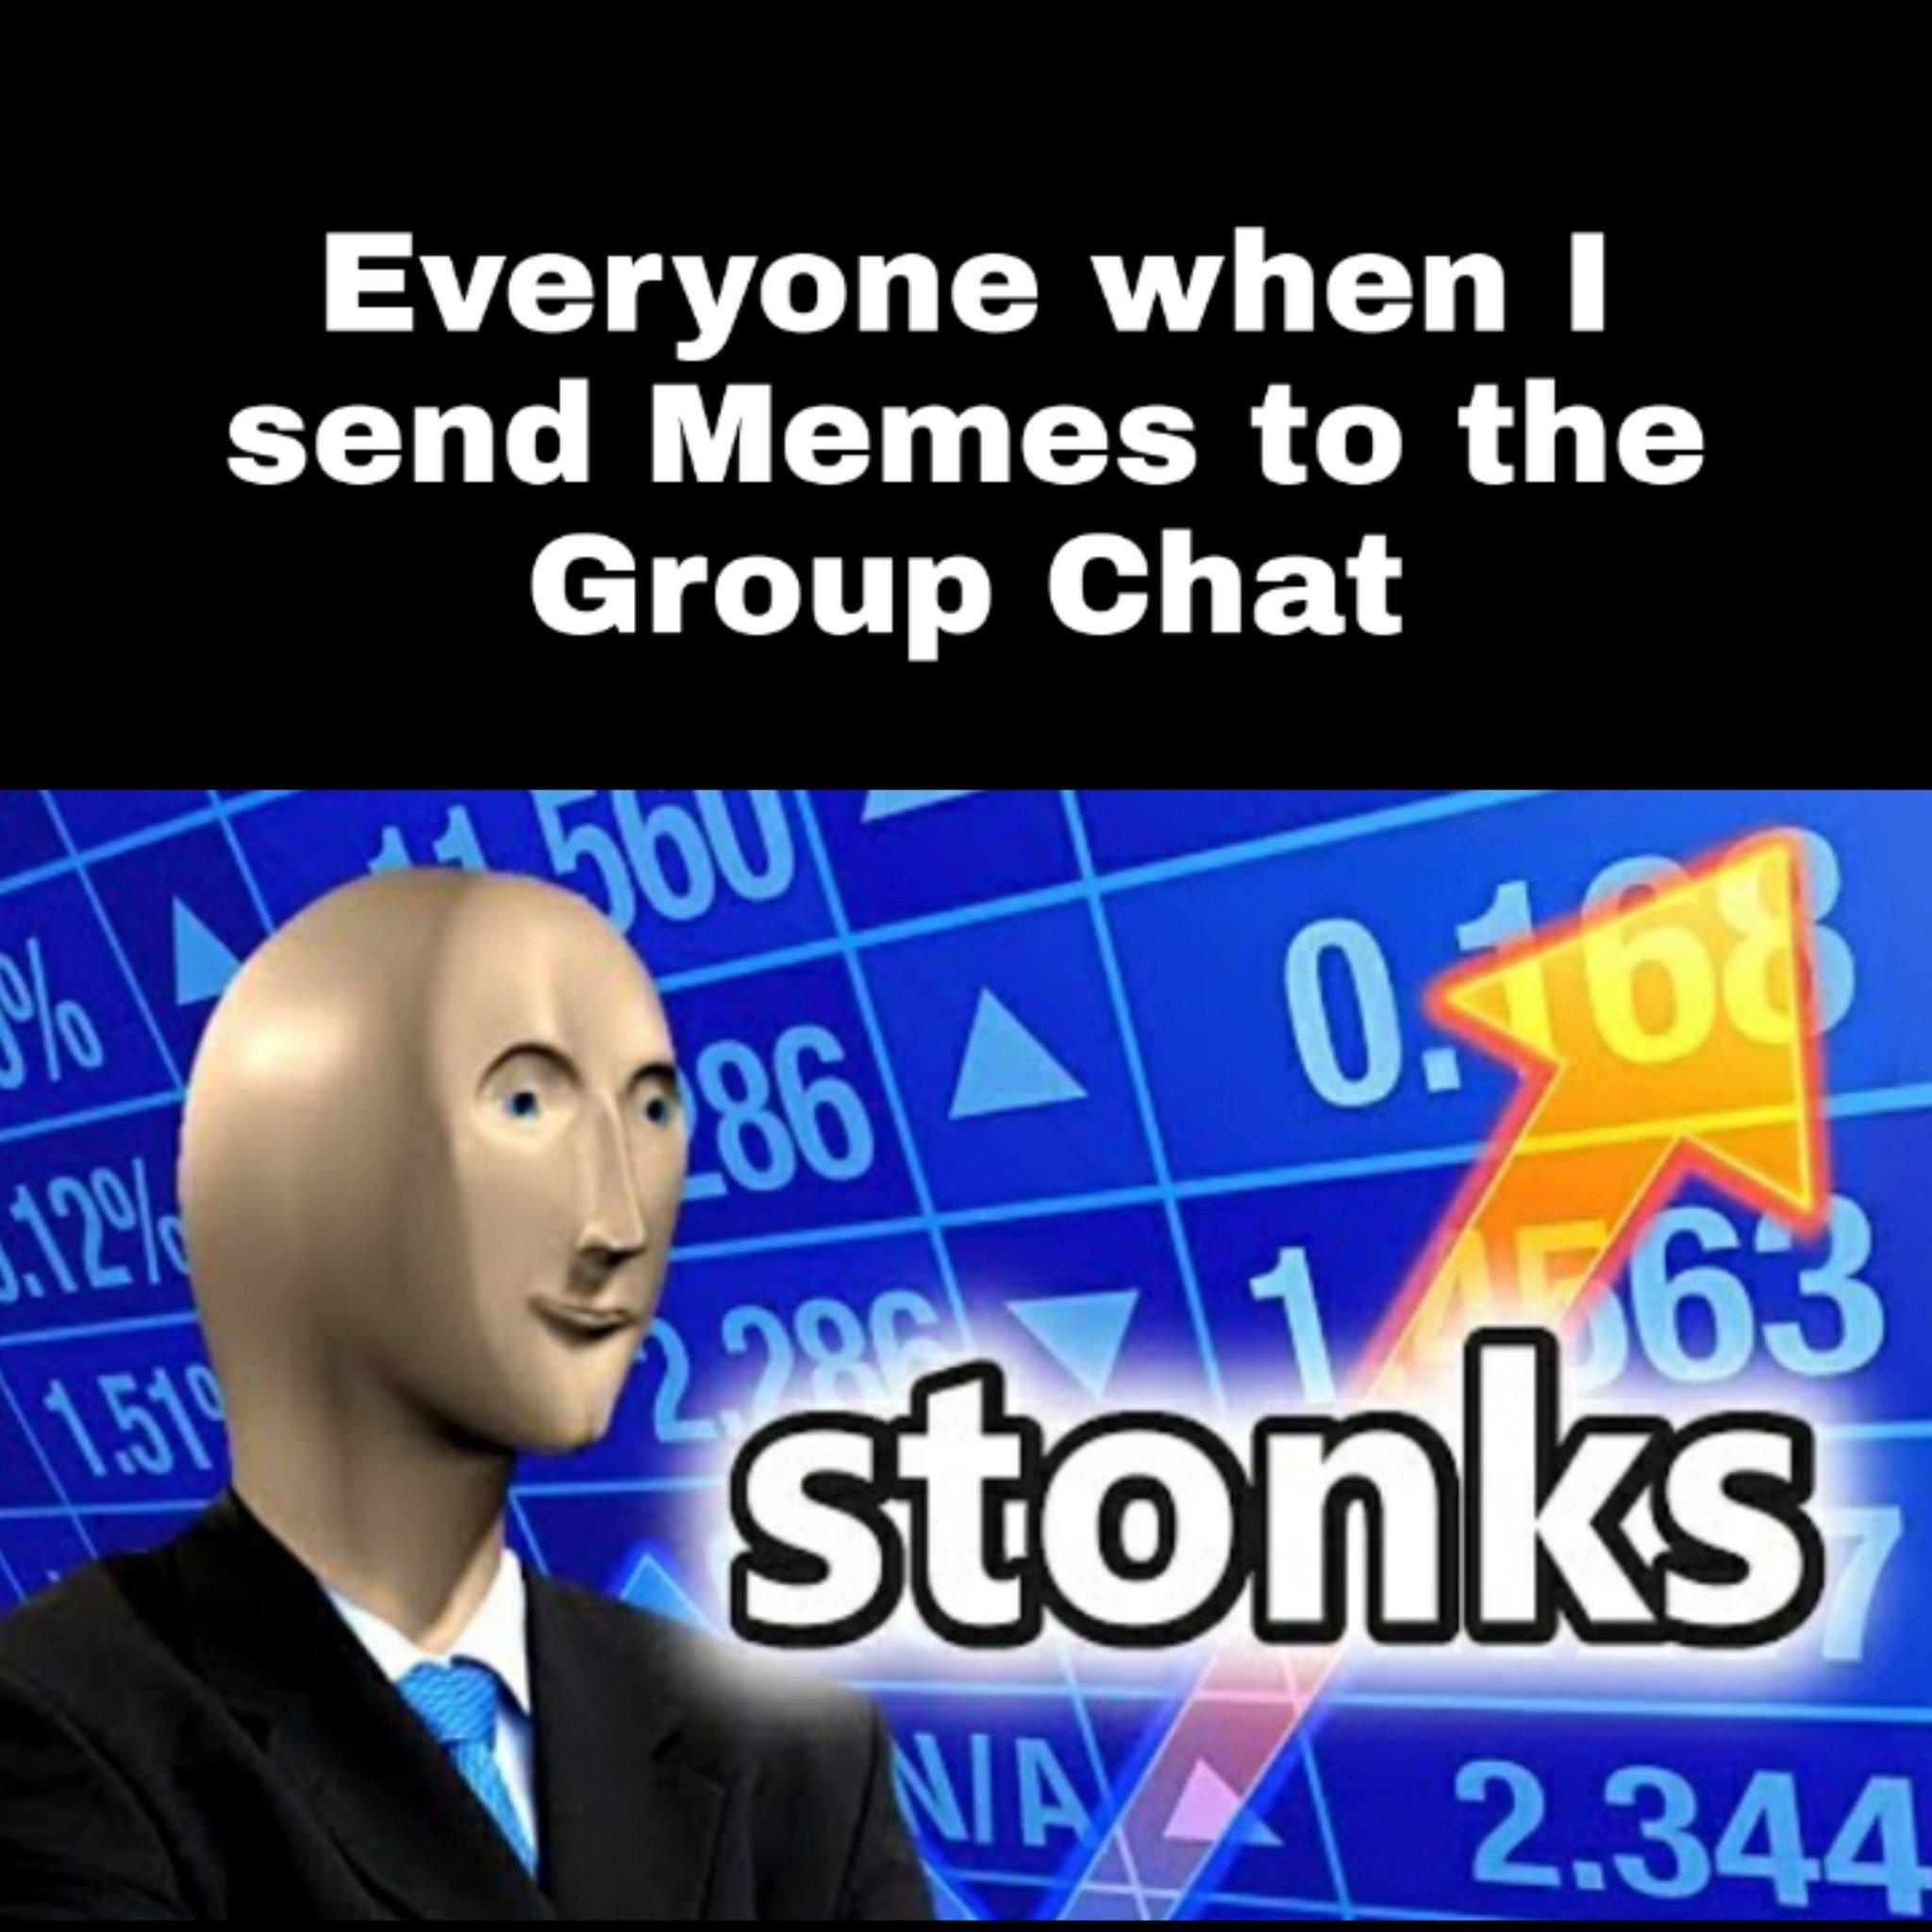 Hehehehehehe - meme